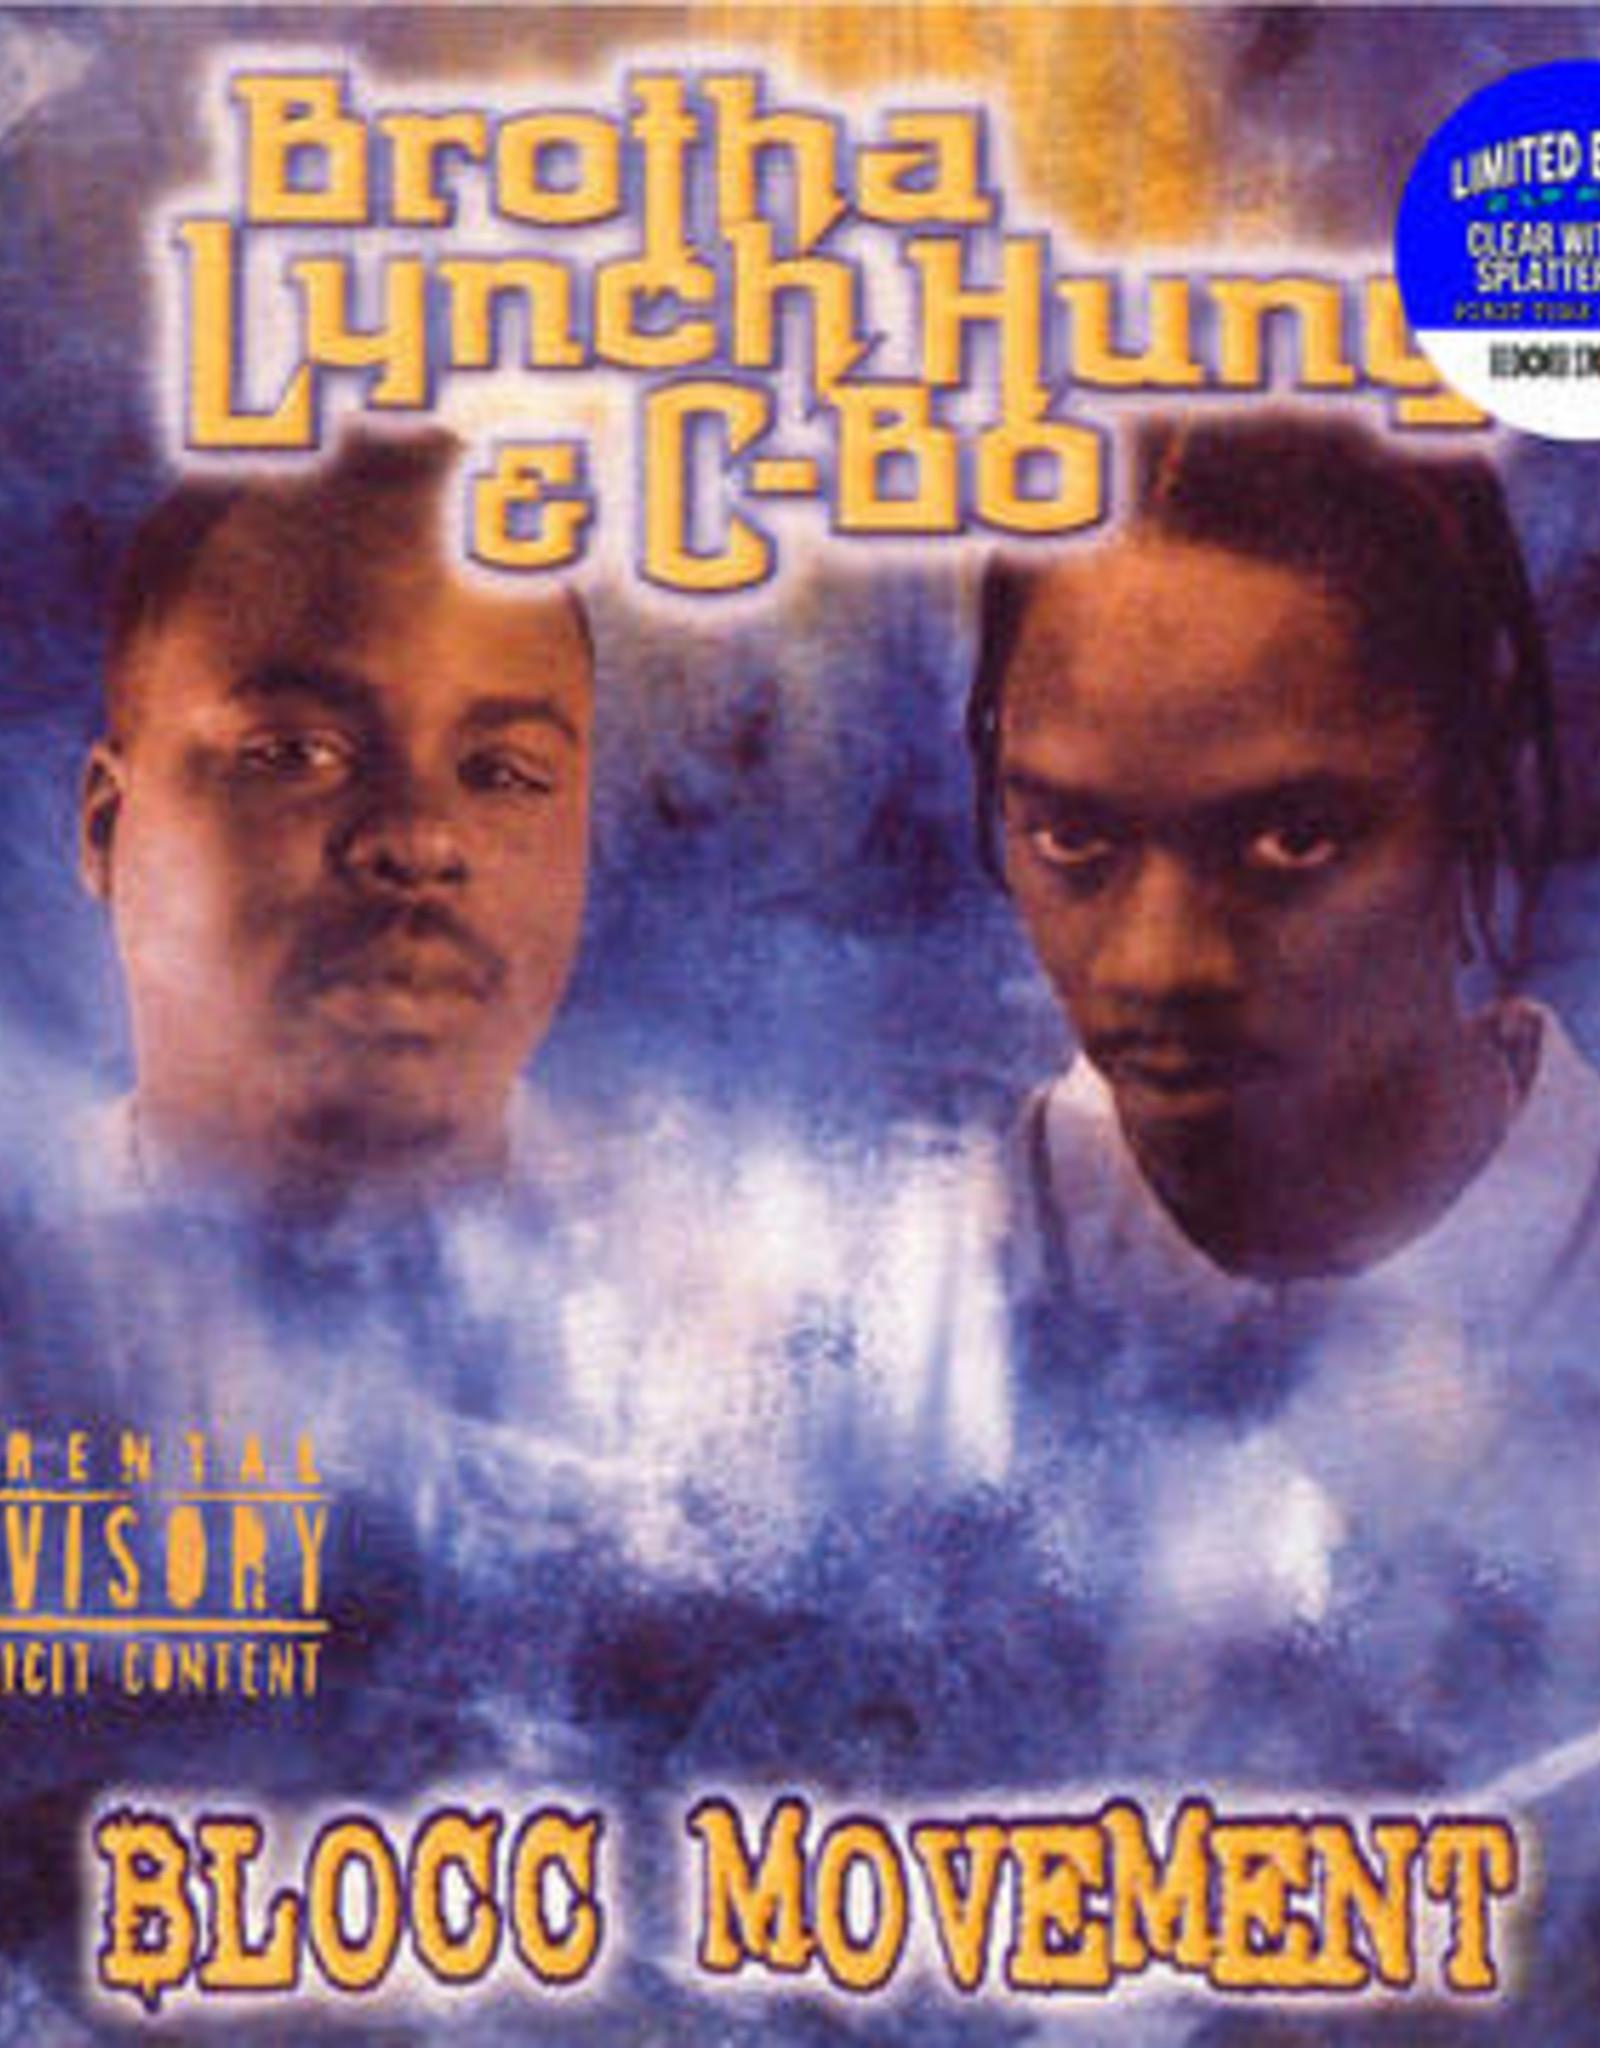 Brotha Lynch Hung / C-Bo - Blocc Movement (RSD 6/21) (Clear/Blue Splatter Vinyl)